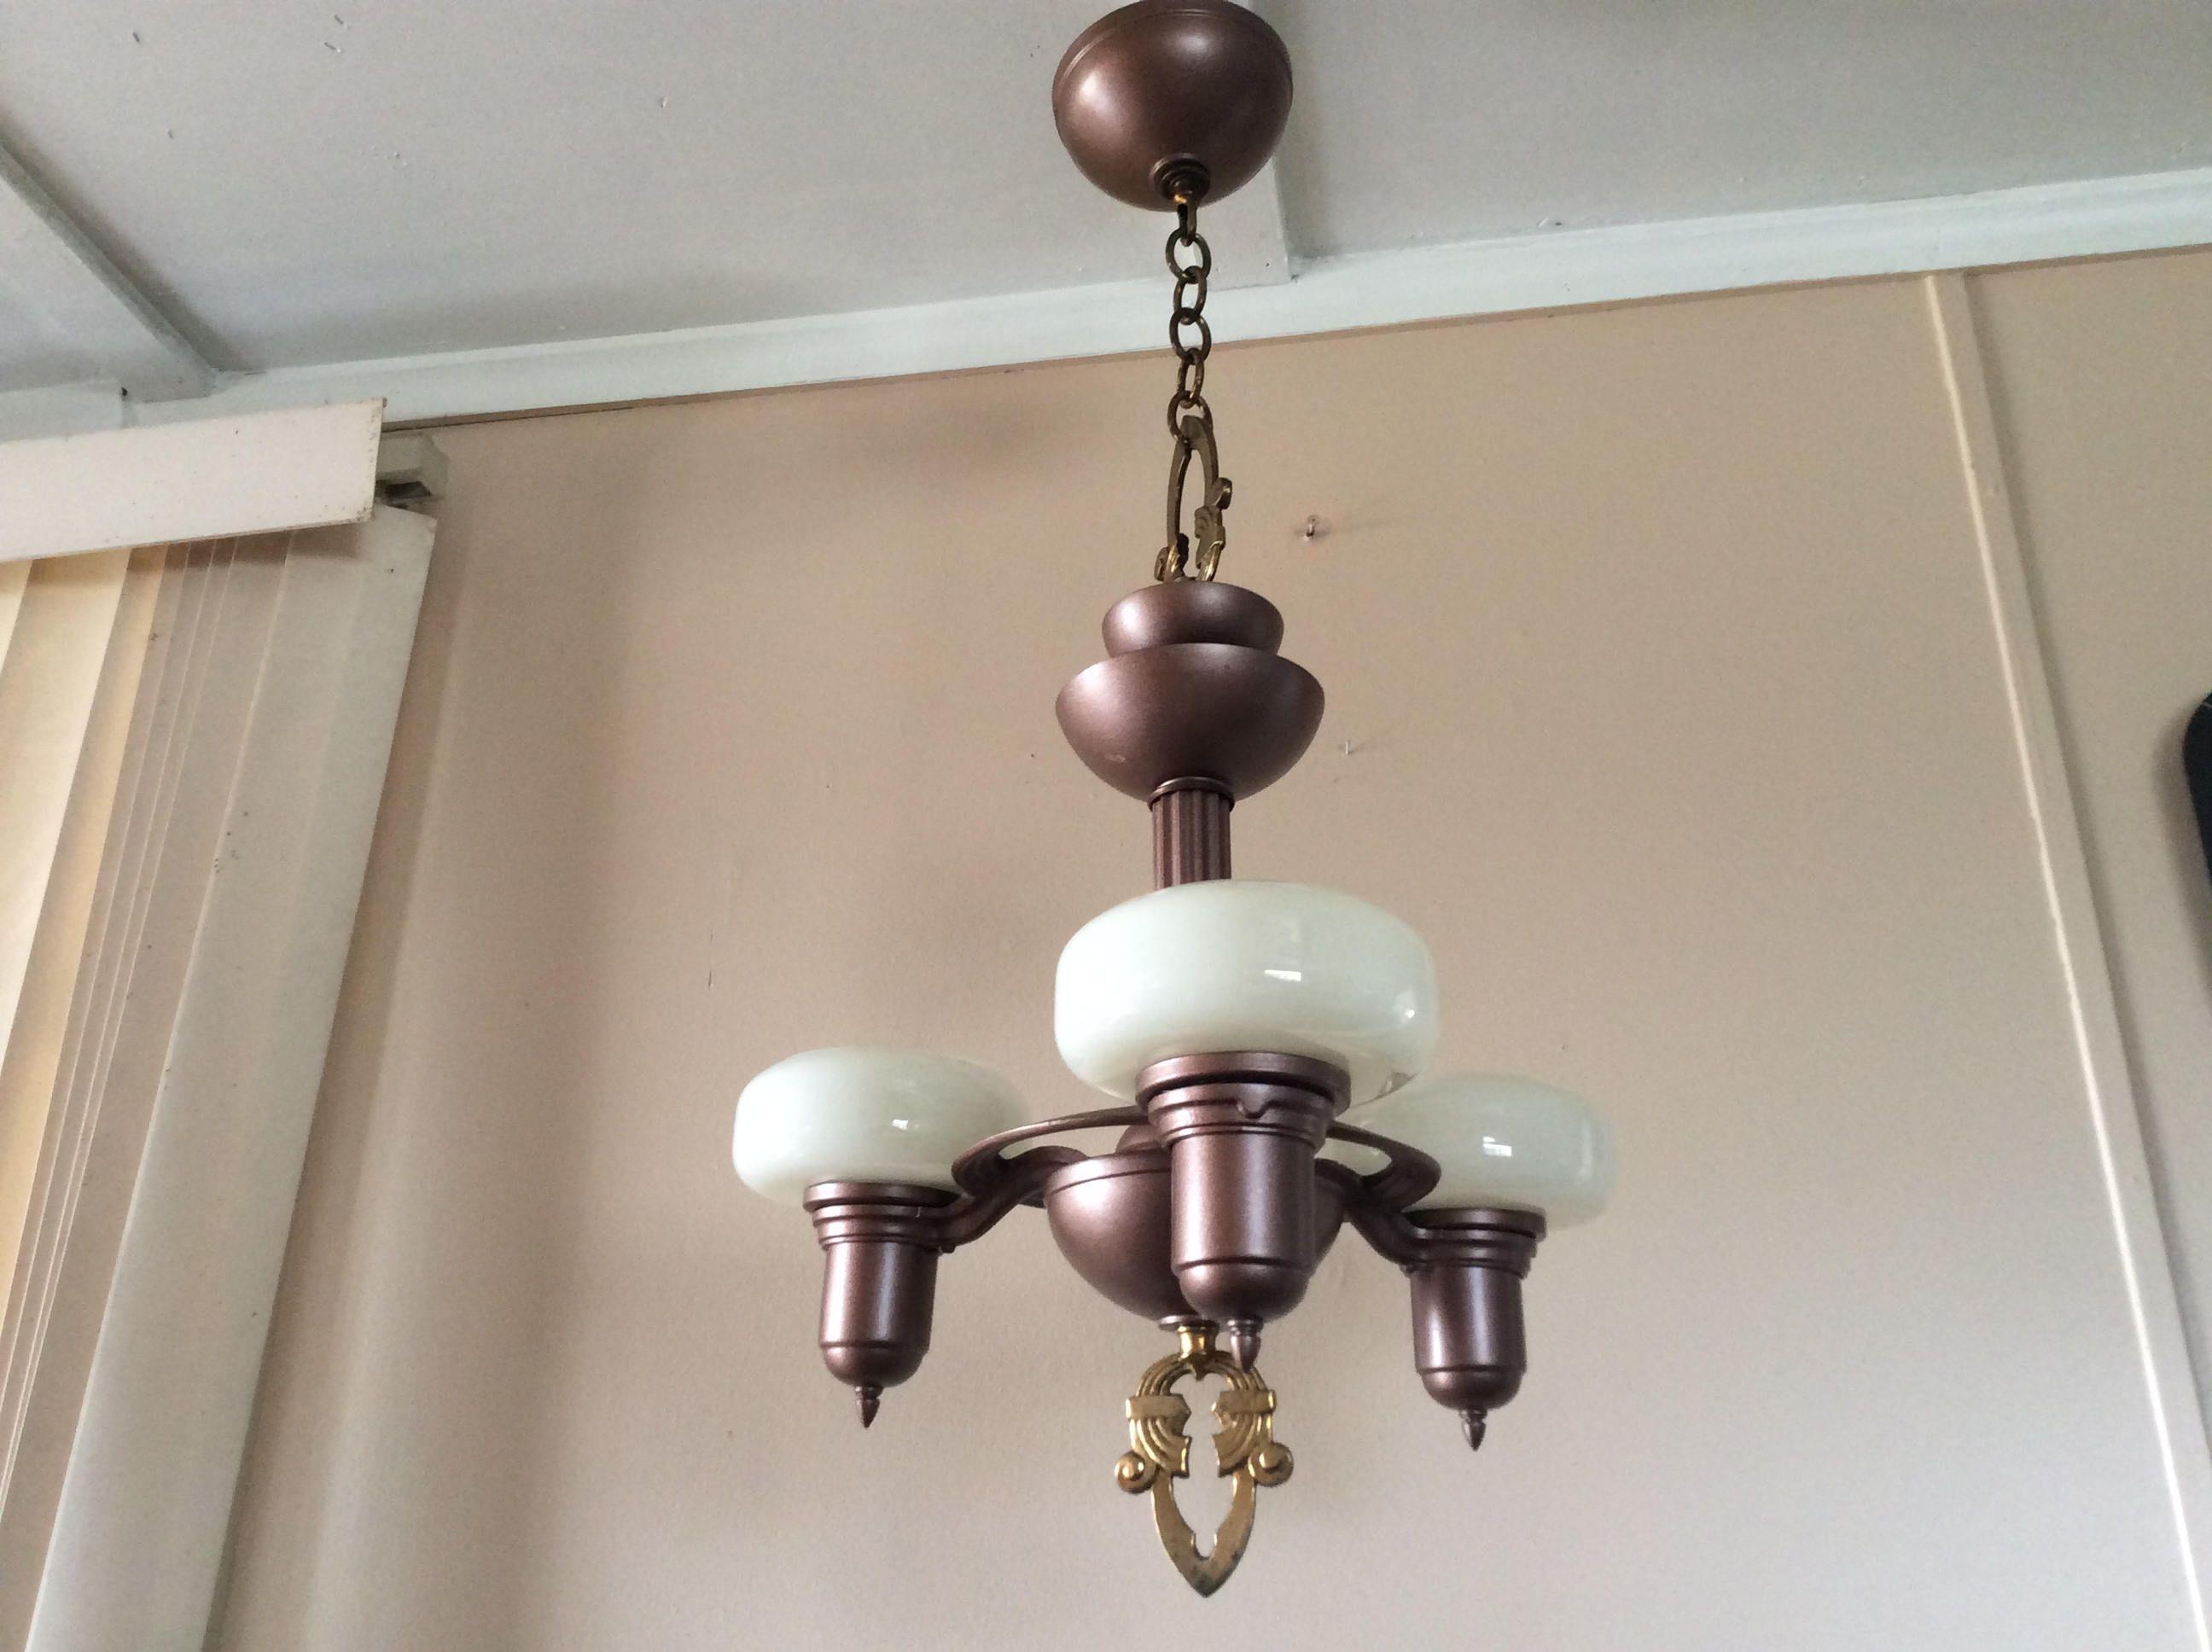 Antique art deco chandelier 3 custard drop in slip shades marked antique art deco chandelier 3 custard drop in slip shades marked frankelite 1930s arubaitofo Image collections